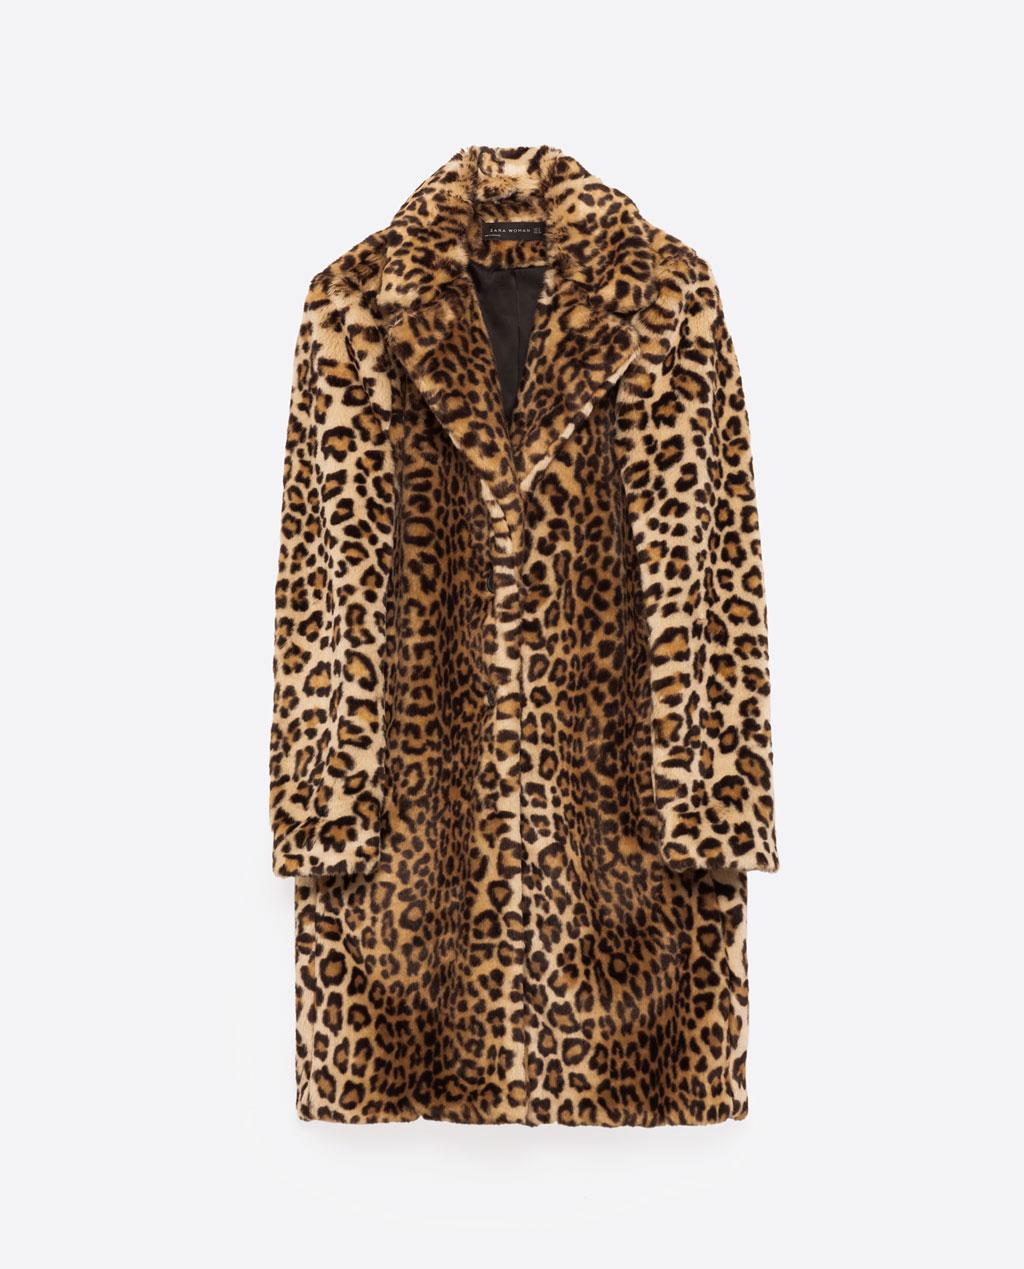 http://www.zara.com/us/en/sale/woman/outerwear/view-all/faux-fur-leopard-coat-c731509p3978516.html